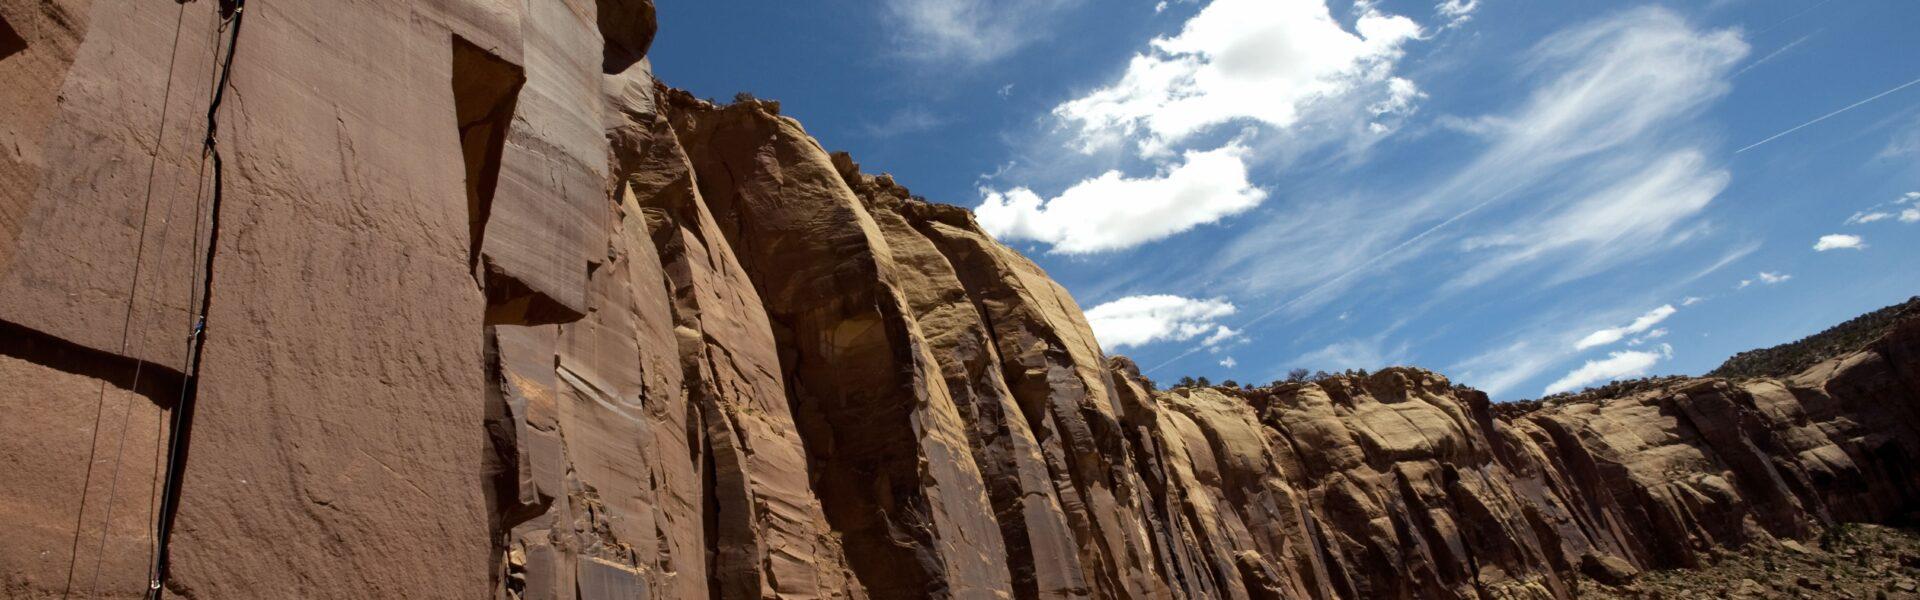 Rock-Climber-Indian-Creek-Jolly-Rancher-min